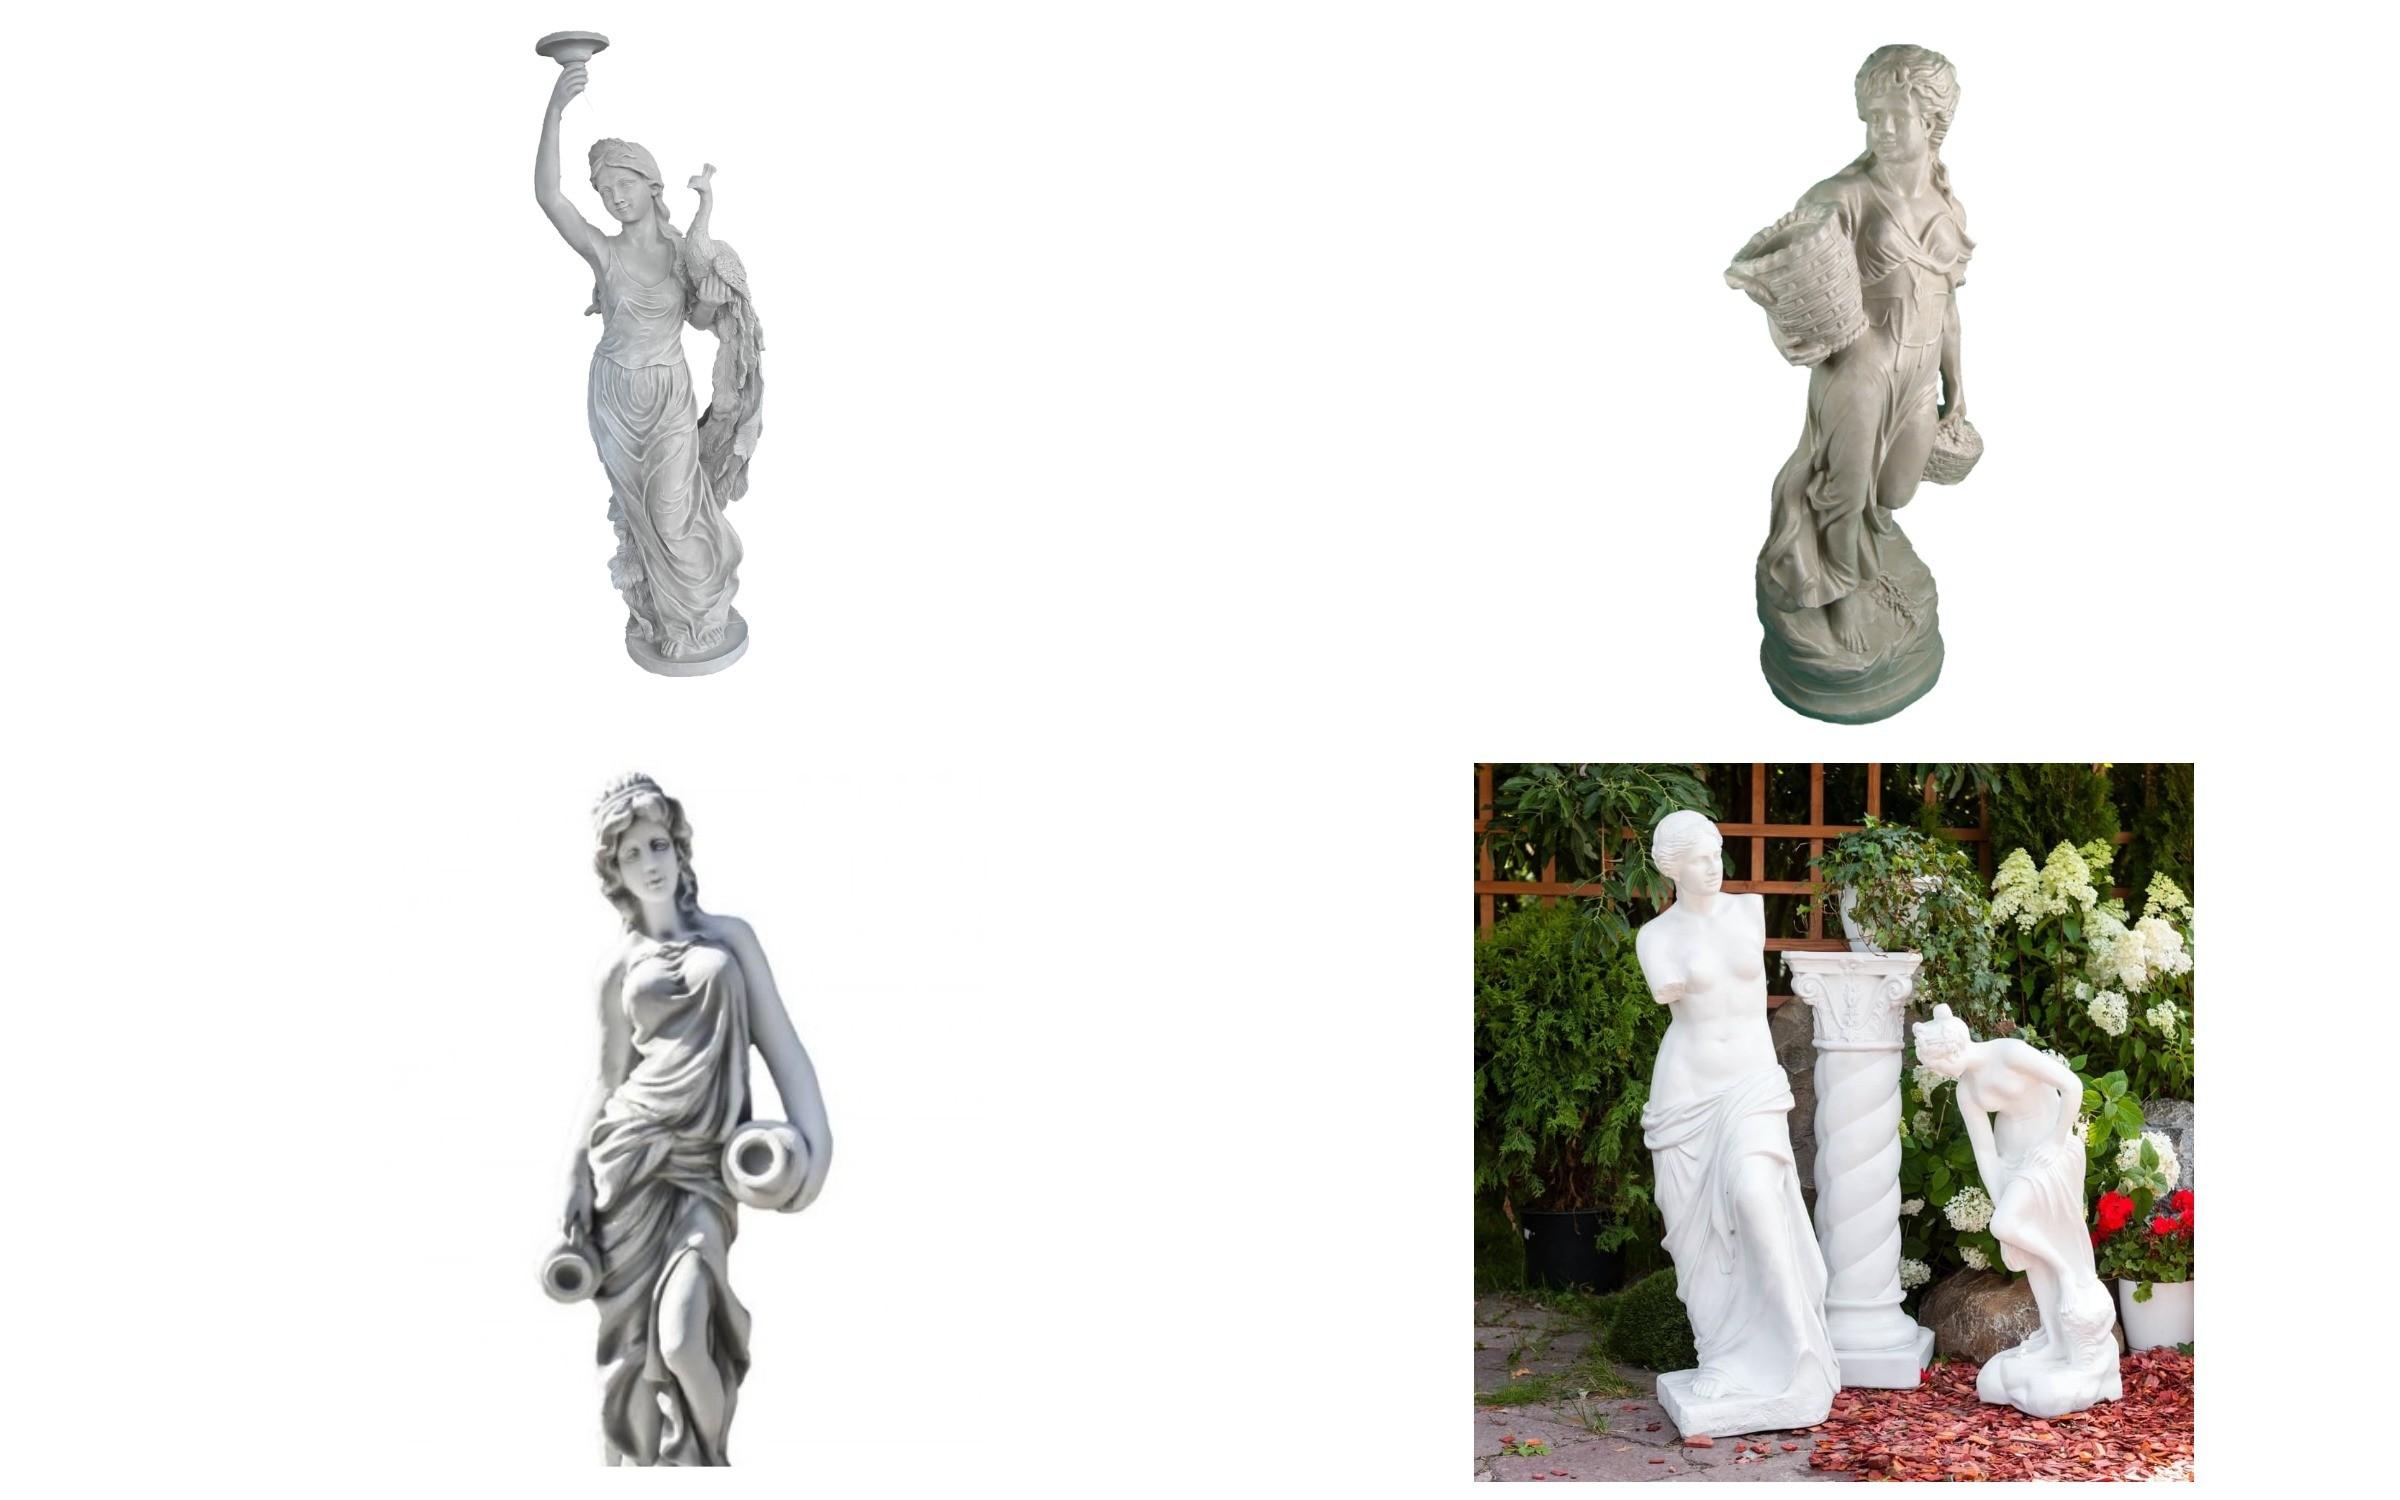 изображение скульптур из полистоуна